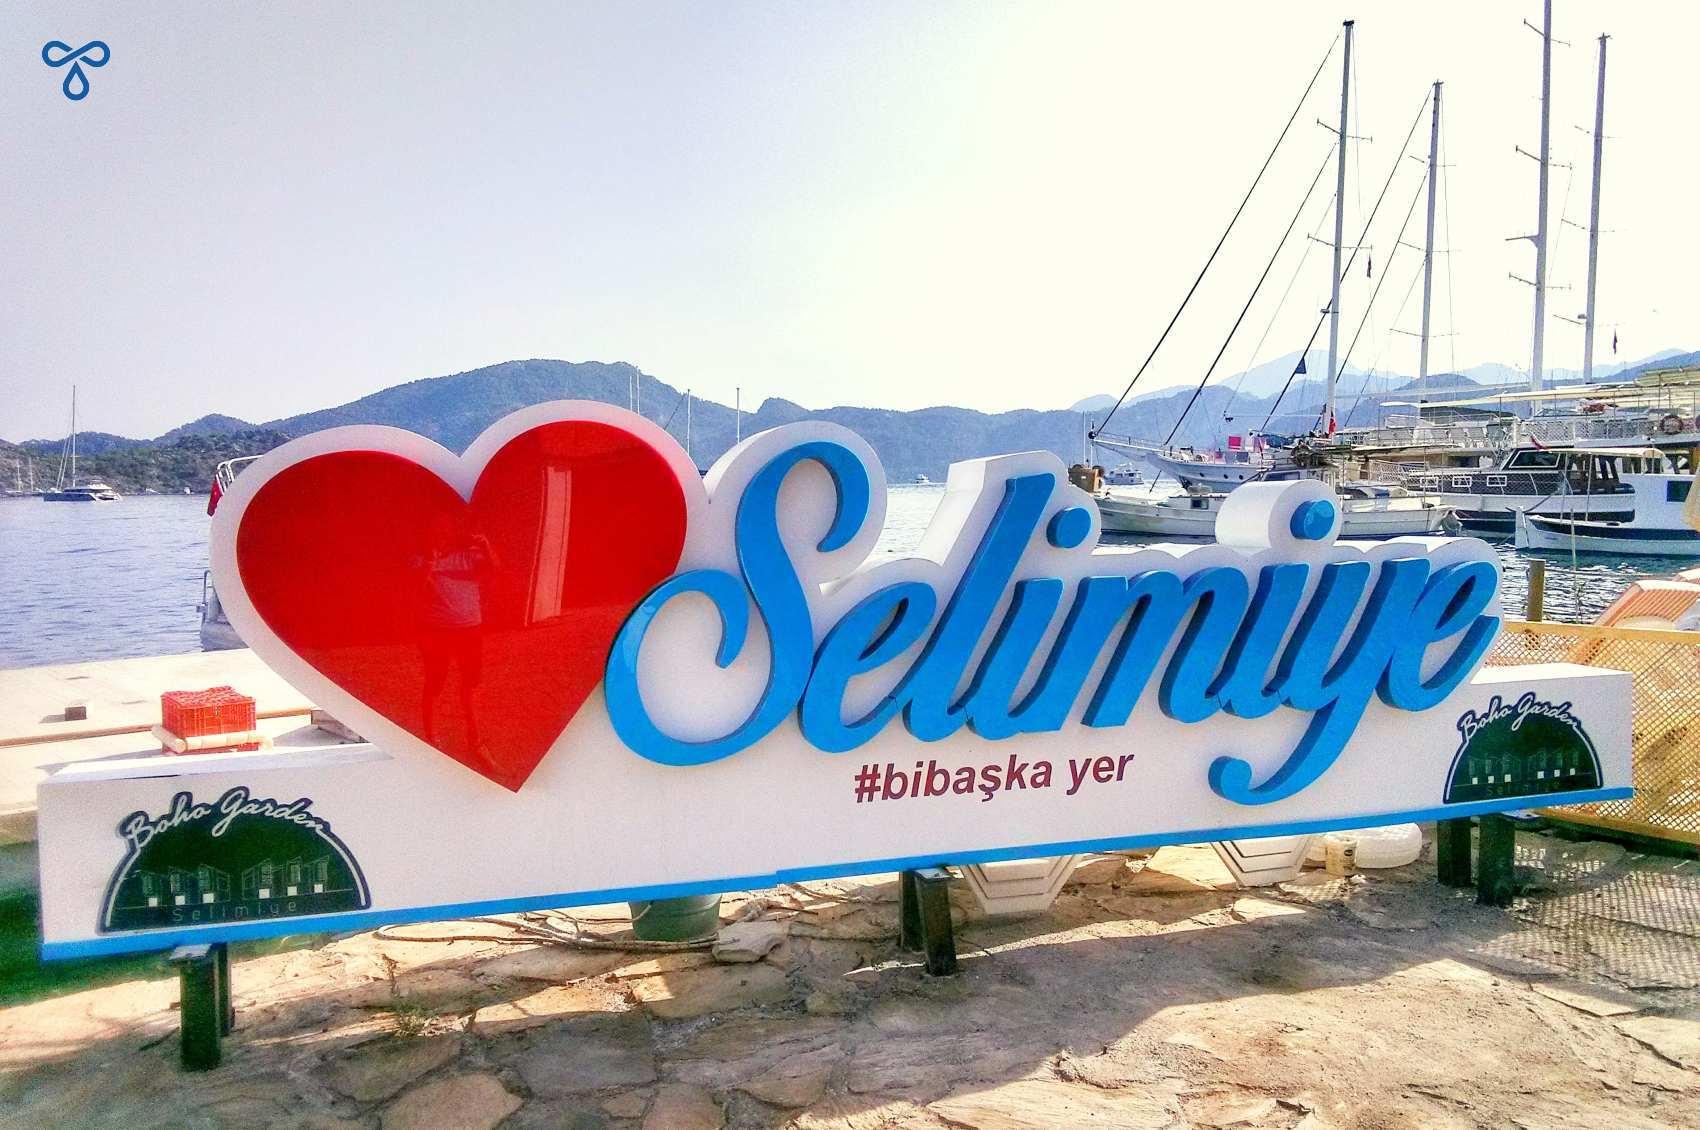 Selimiye, Bozburun Peninsula